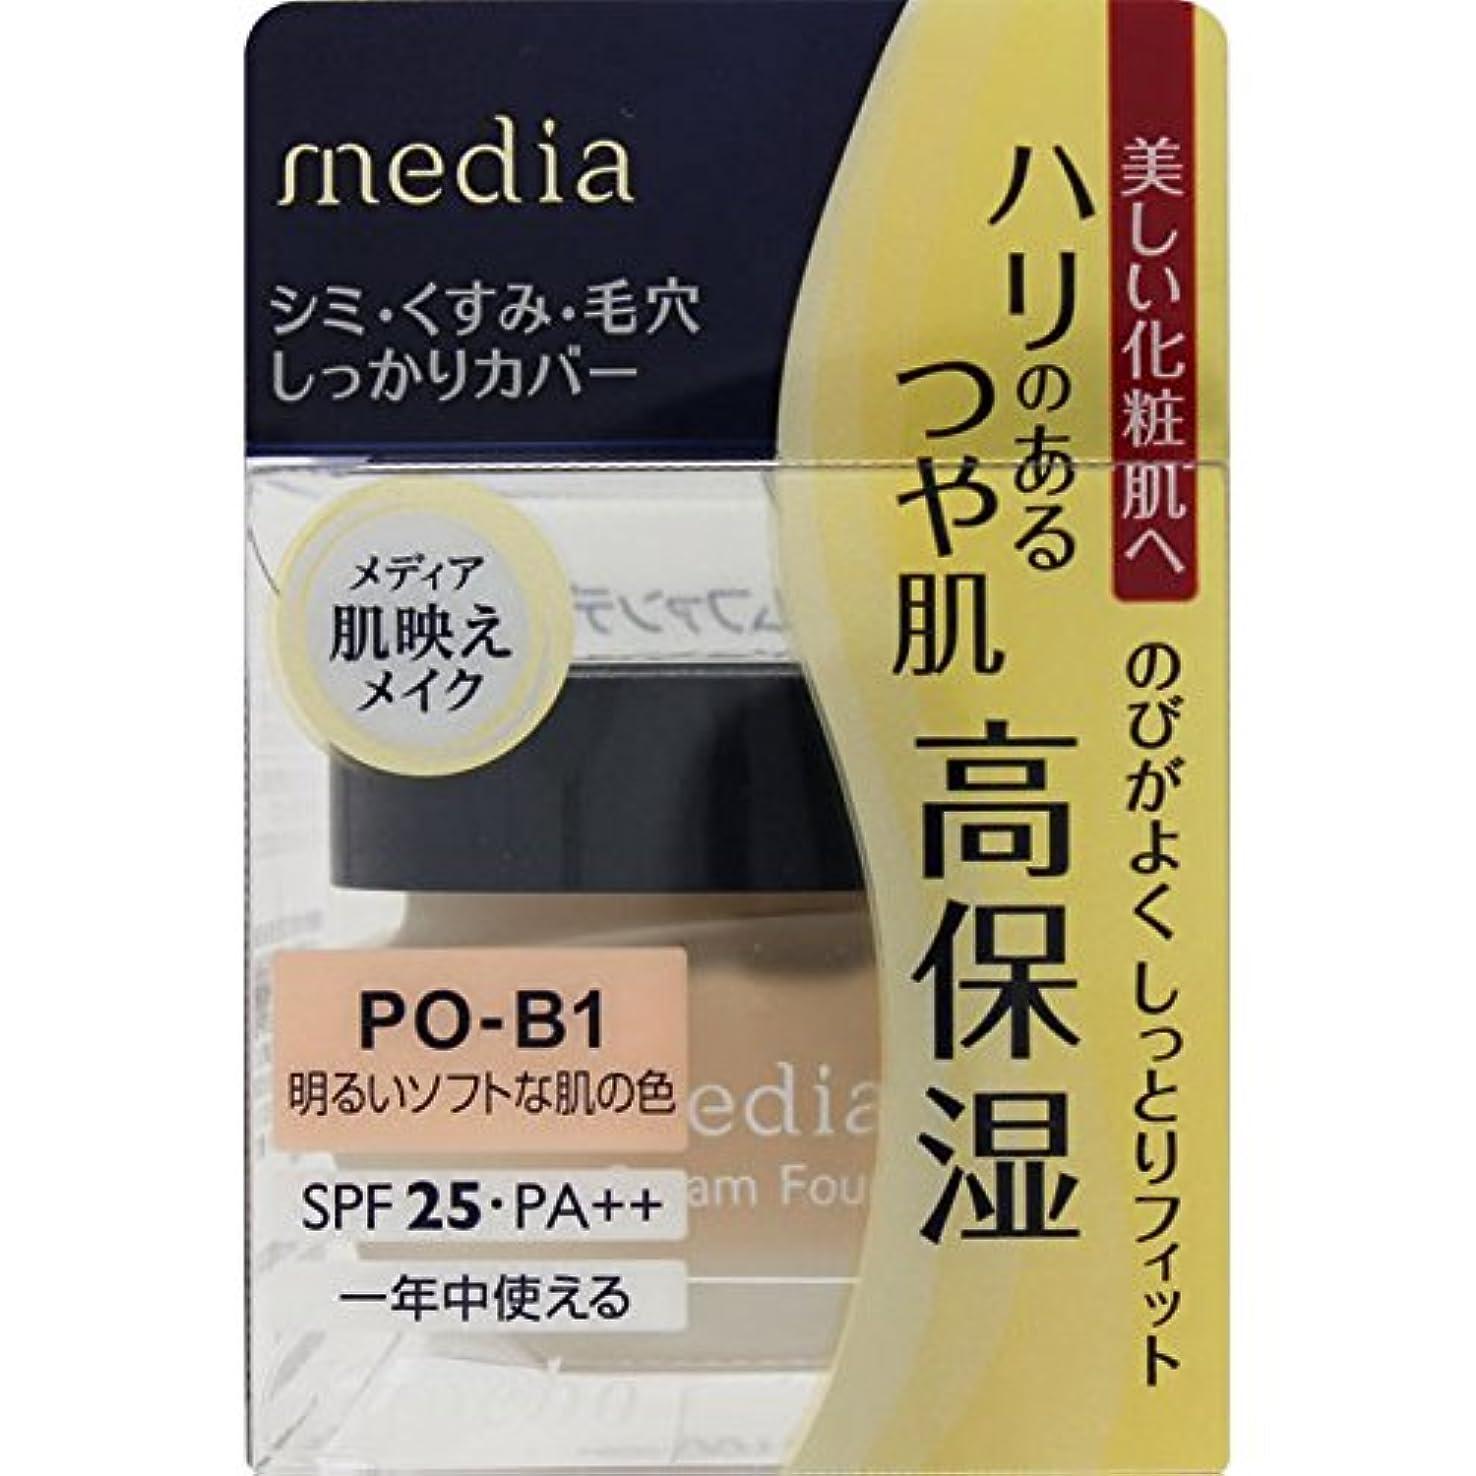 直径比率欠点カネボウ化粧品 メディア クリームファンデーション 明るいソフトな肌の色 POーB1